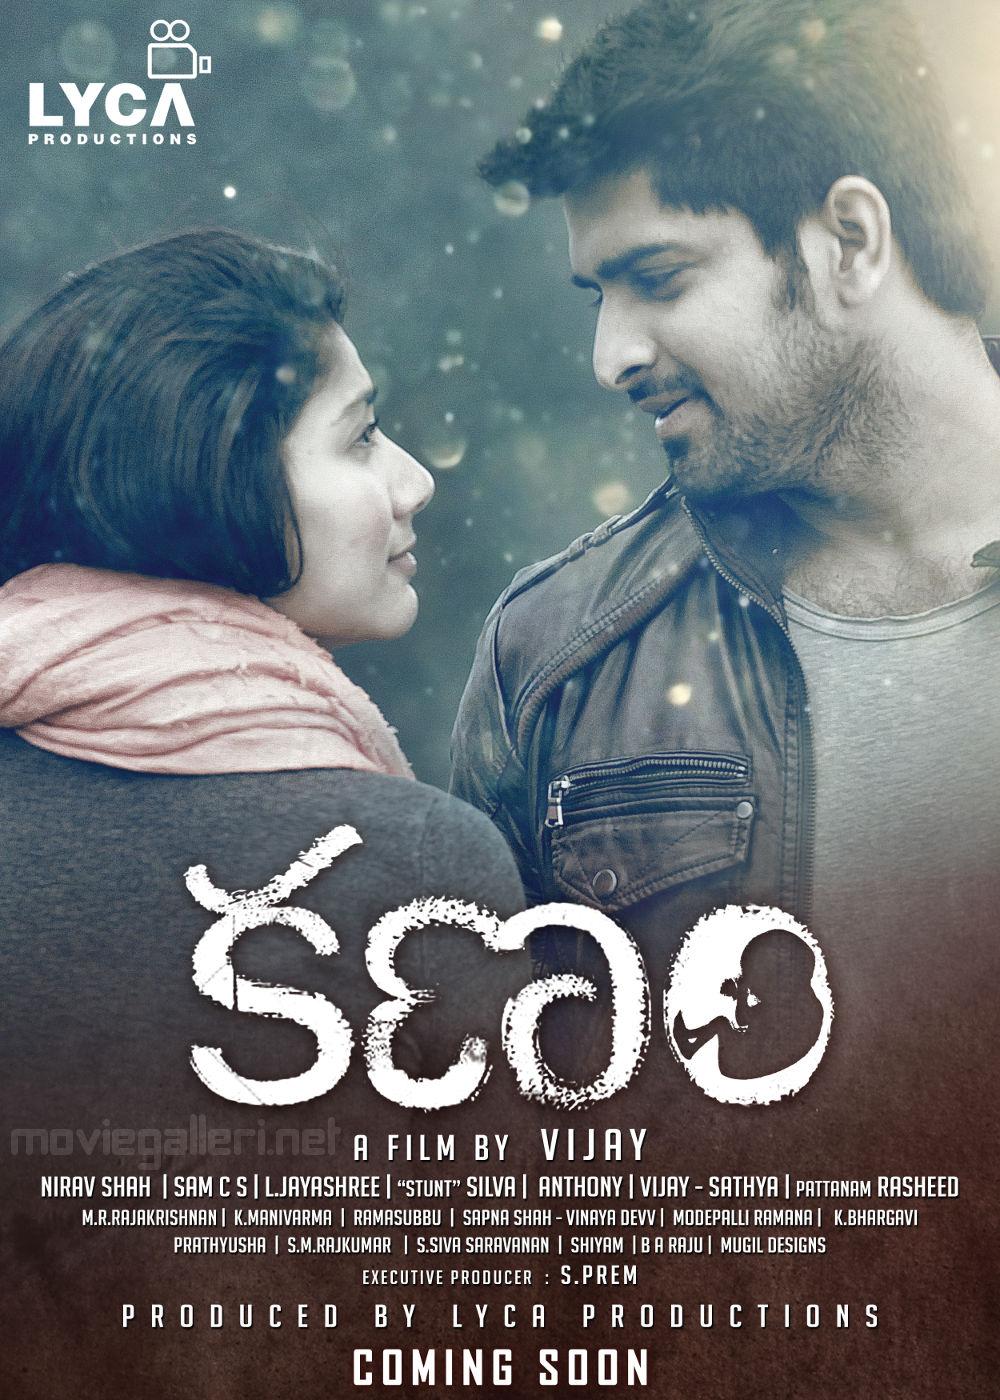 Sai Pallavi Naga Shaurya Kanam Movie Latest Poster